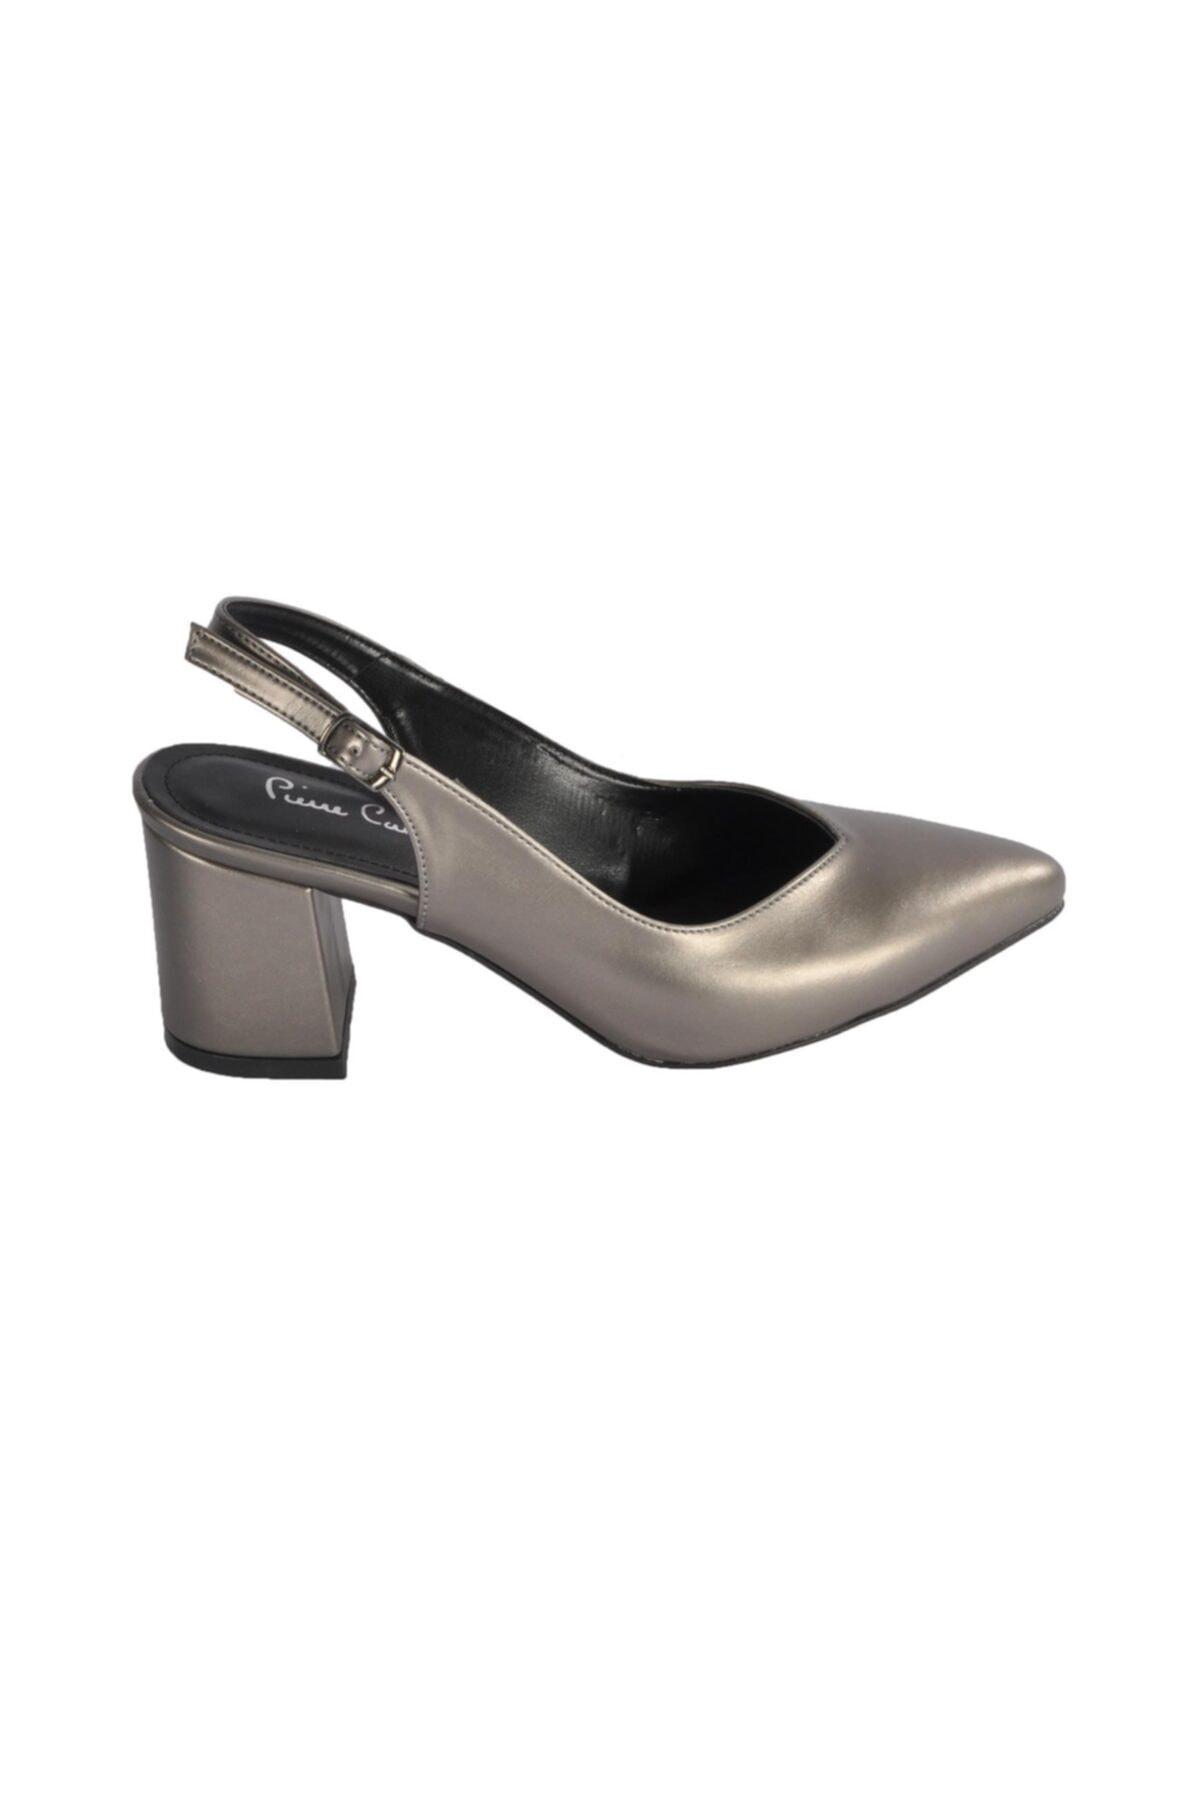 Pierre Cardin Kadın Platin Topuklu Ayakkabı Pc-50173 2